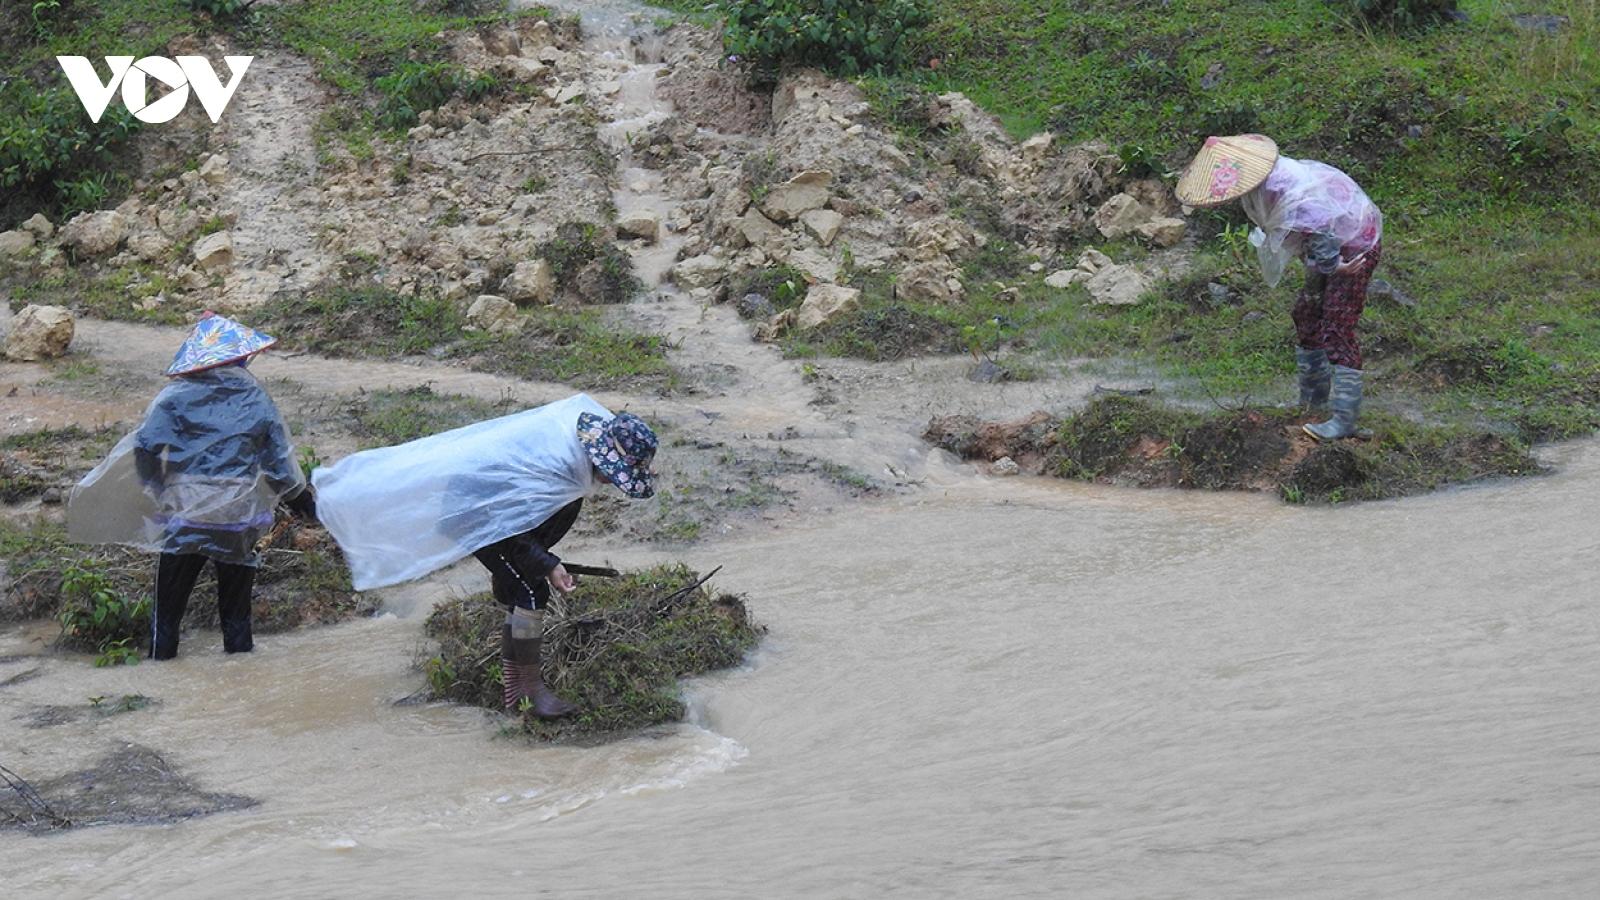 Tăng cường ứng phó với hoàn lưu bão số 12, bão số 13 và mưa lũ, sạt lở đất tại Kon Tum